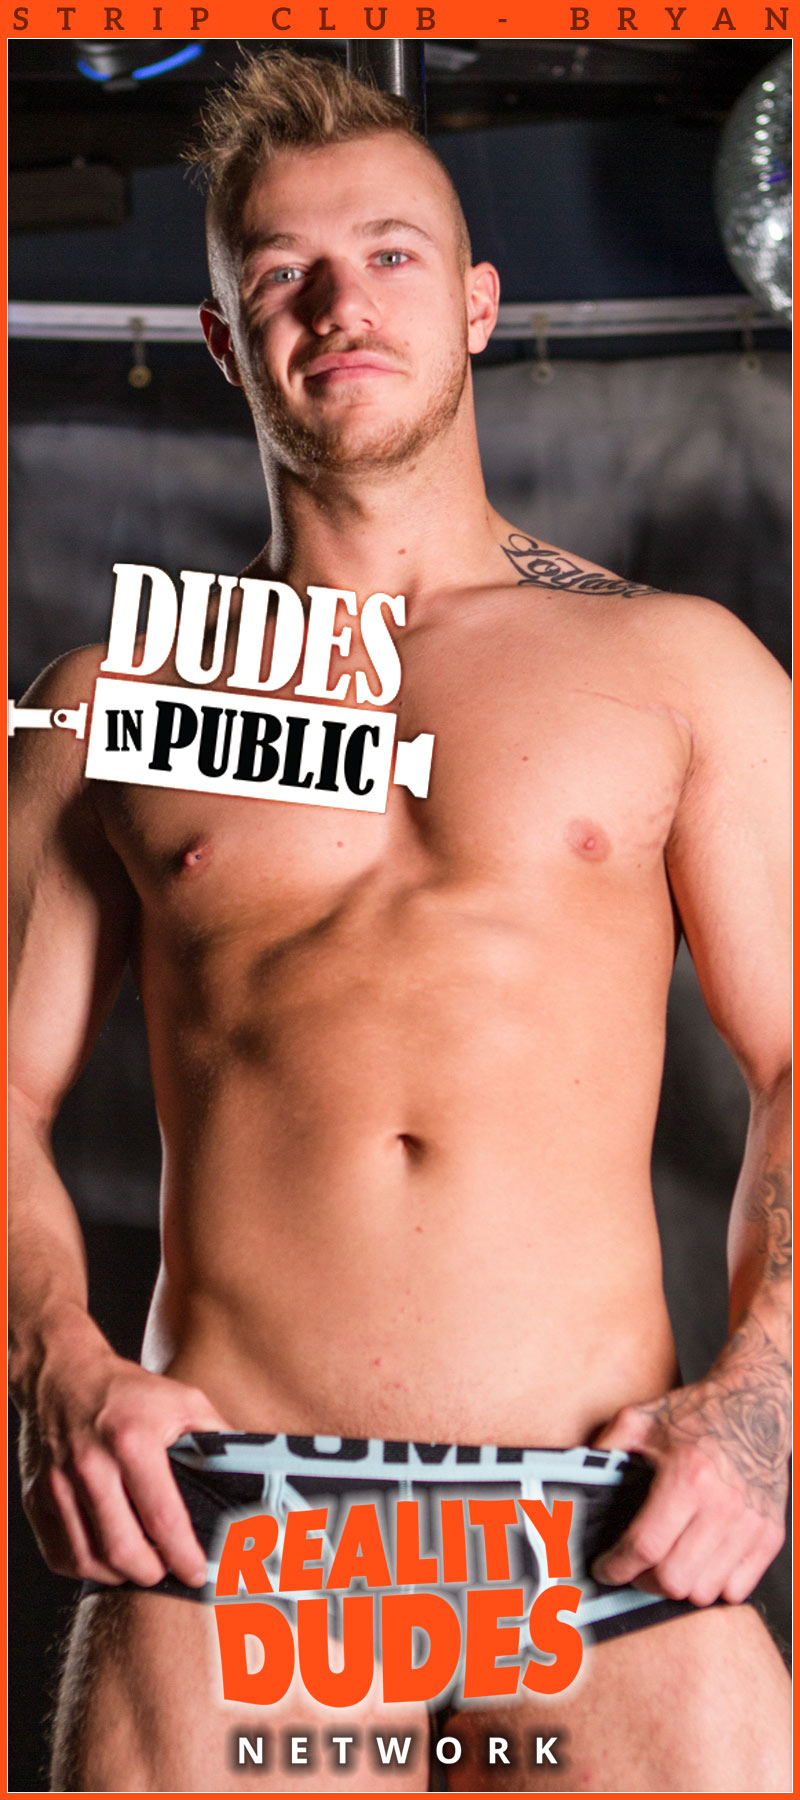 Dudes In Public, Strip Club: Bryan